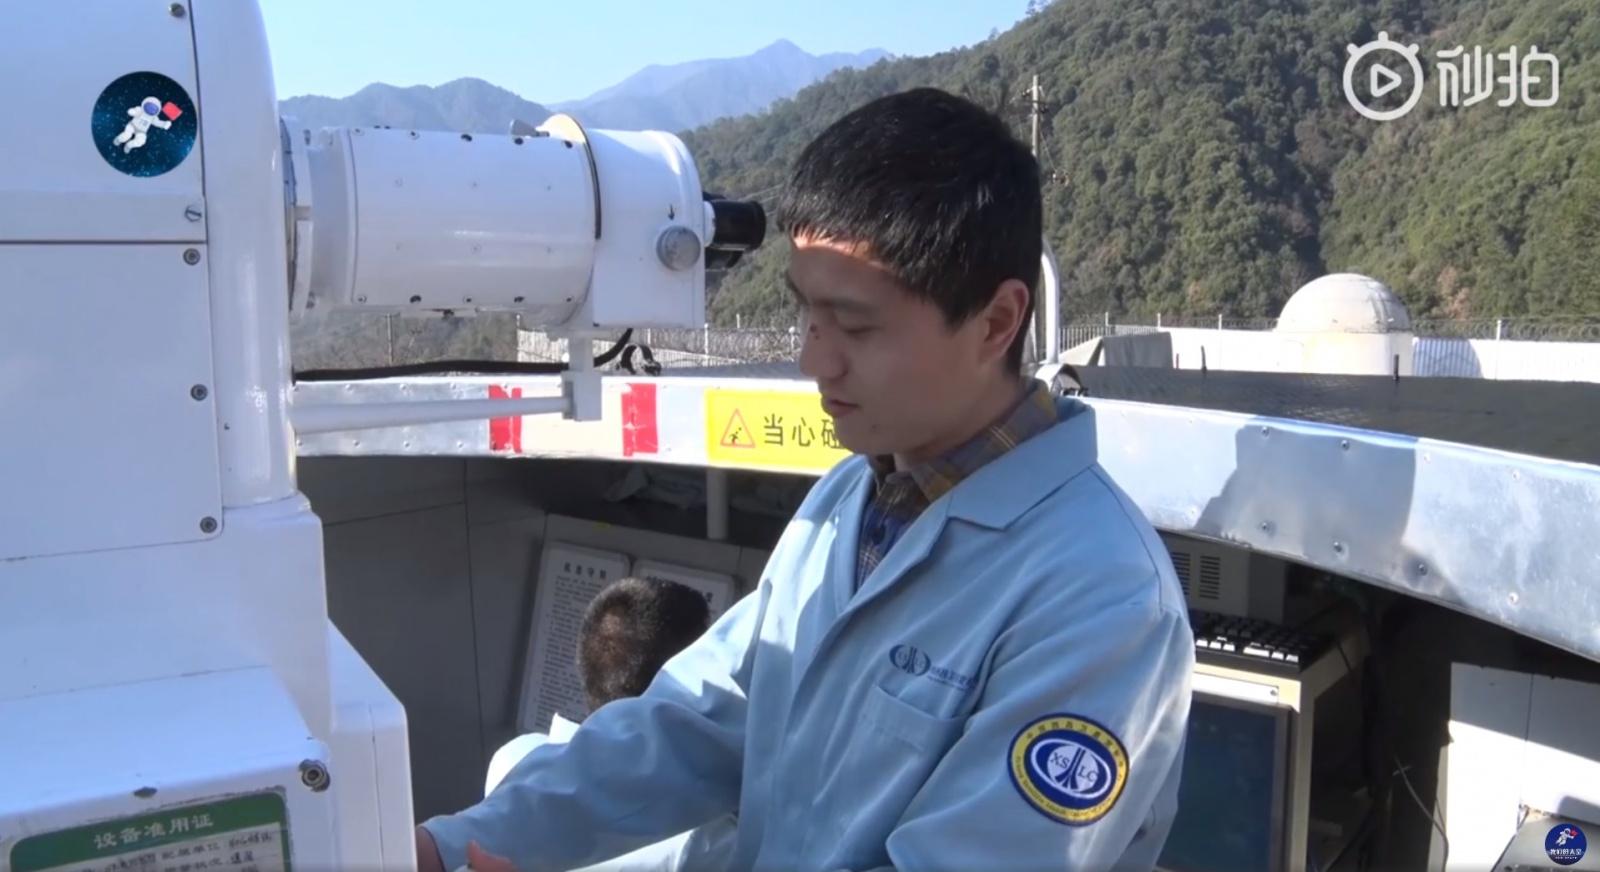 Суровая рабочая реальность — Китайский космодром Сичан (Xichang Satellite Launch Center — XSLC) - 56